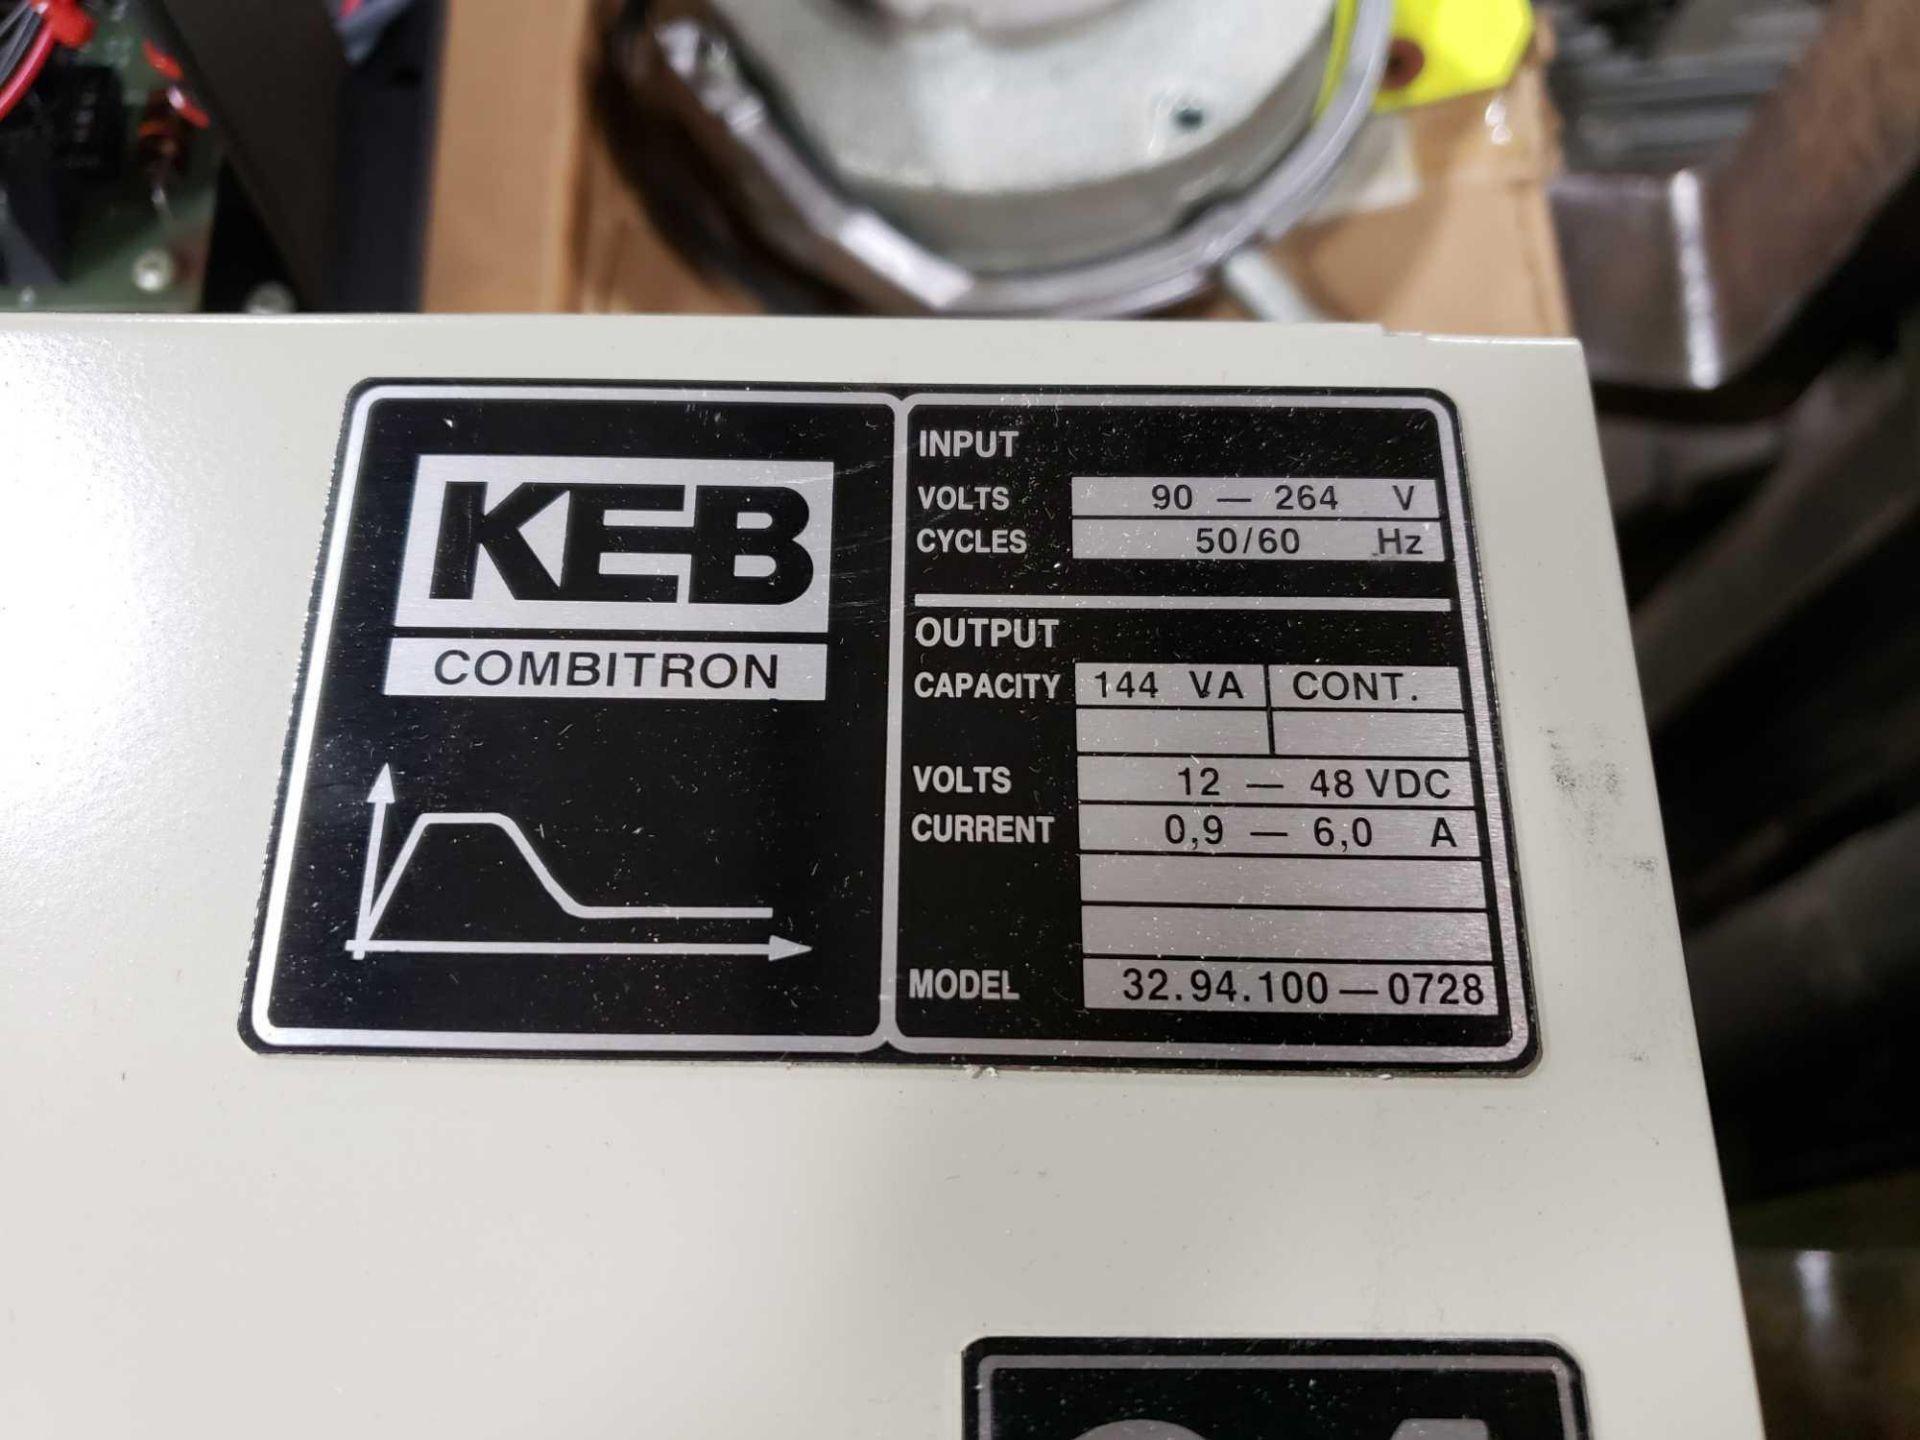 Lot 3 - KEB Combitron drive model 32.94.100-0728. 90-264v input, 12-48vdc output. New in box.